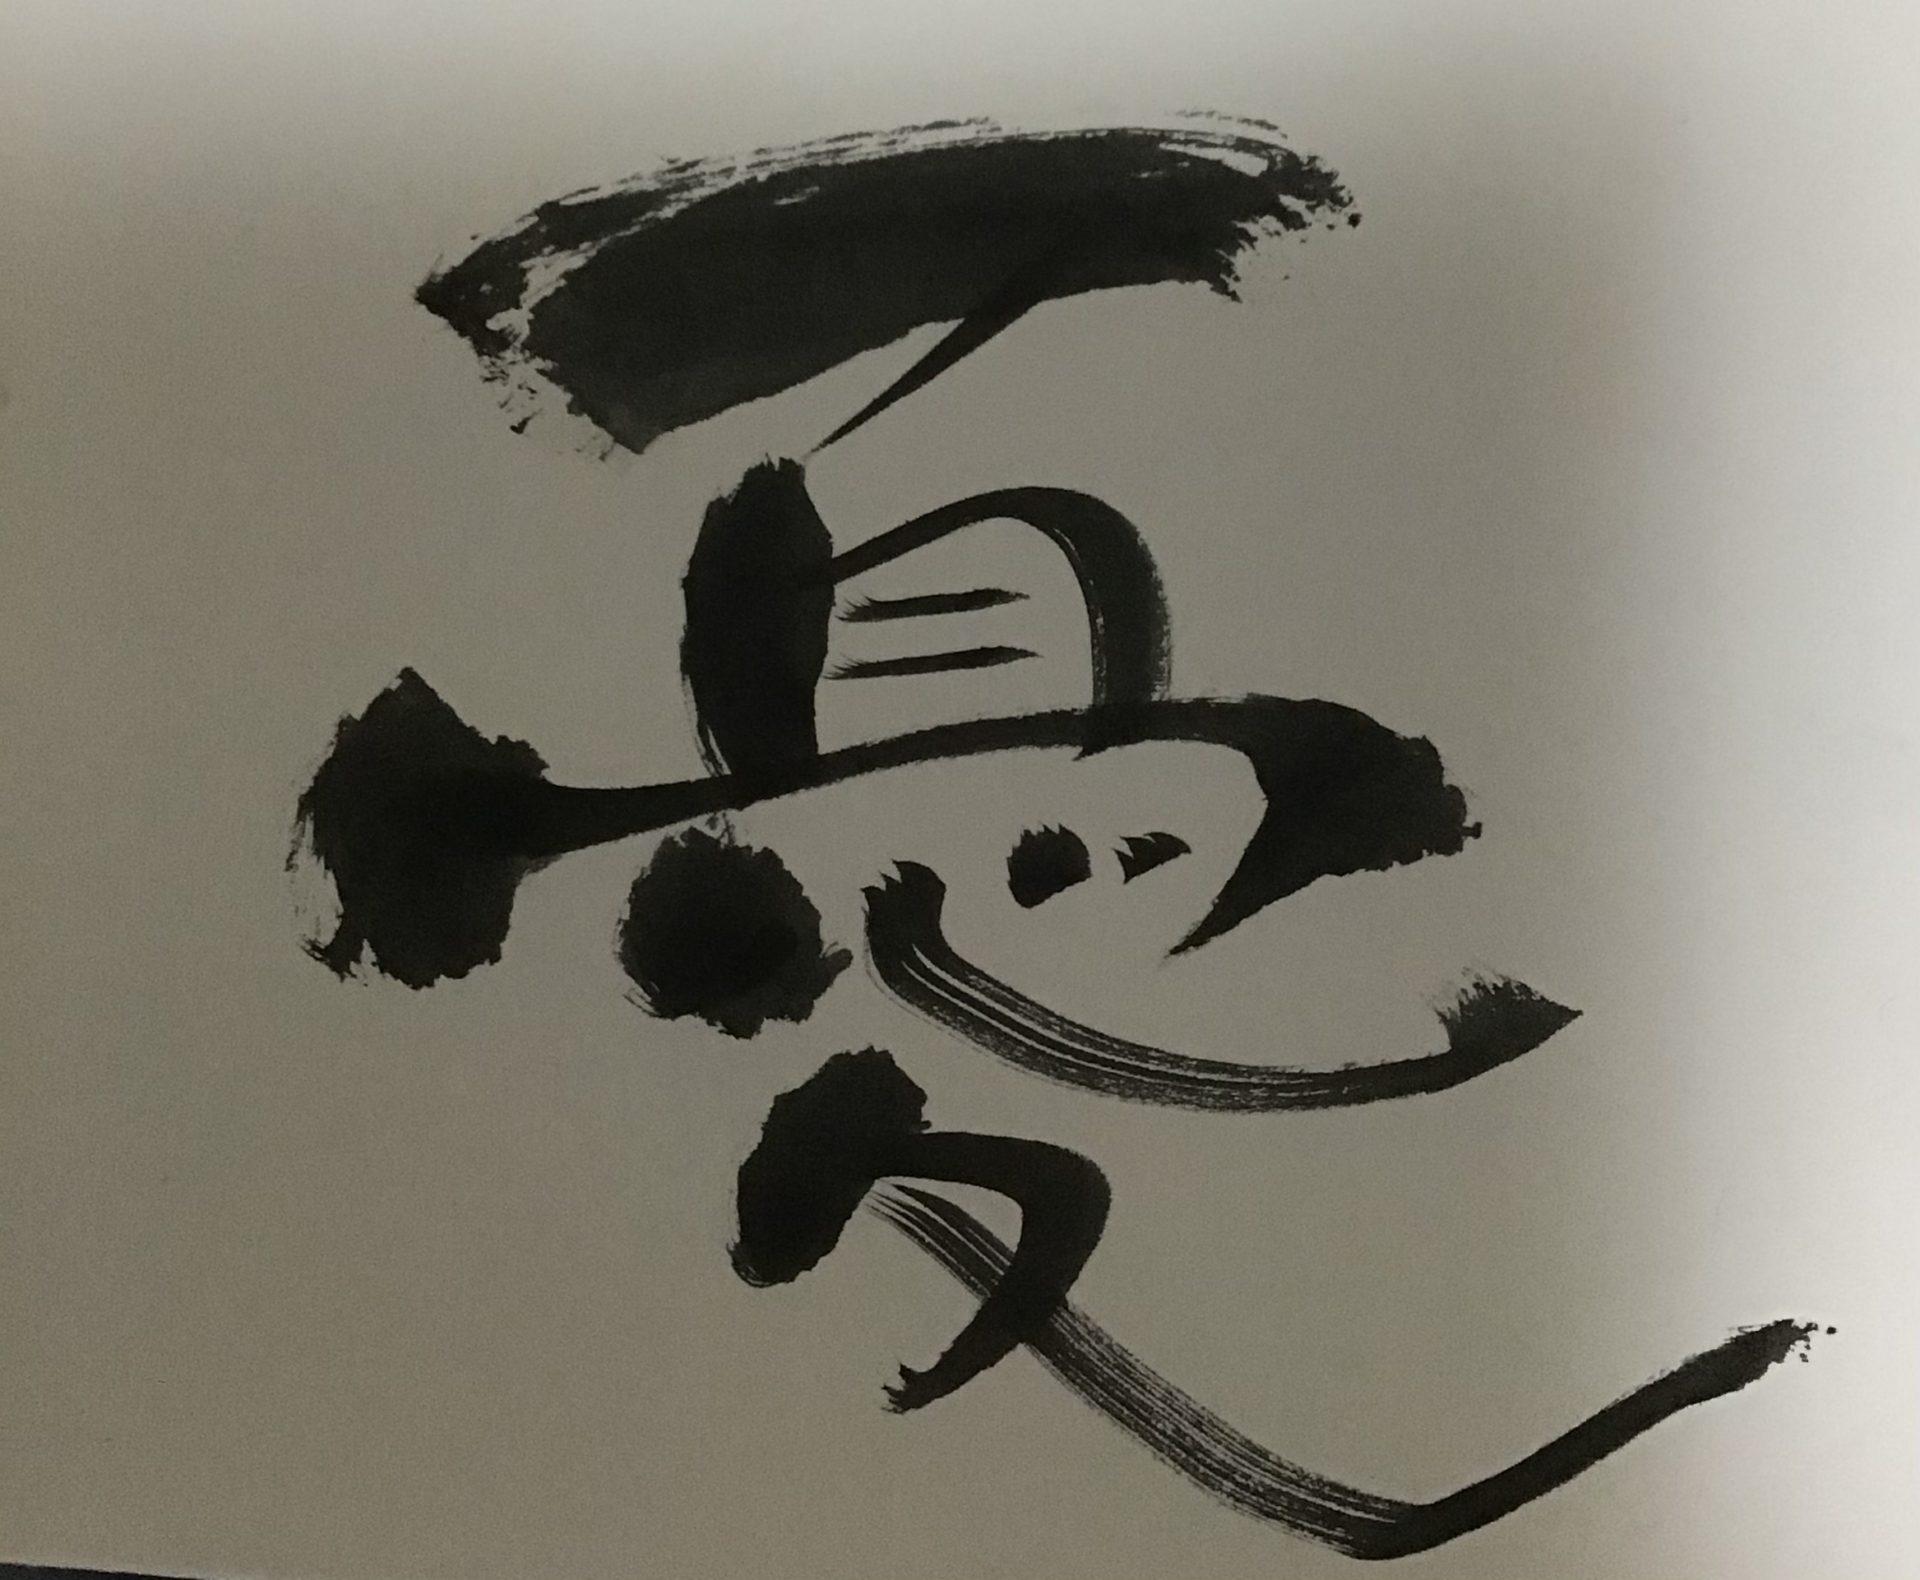 憂い 漢字(優しいからにんべんを外した漢字)